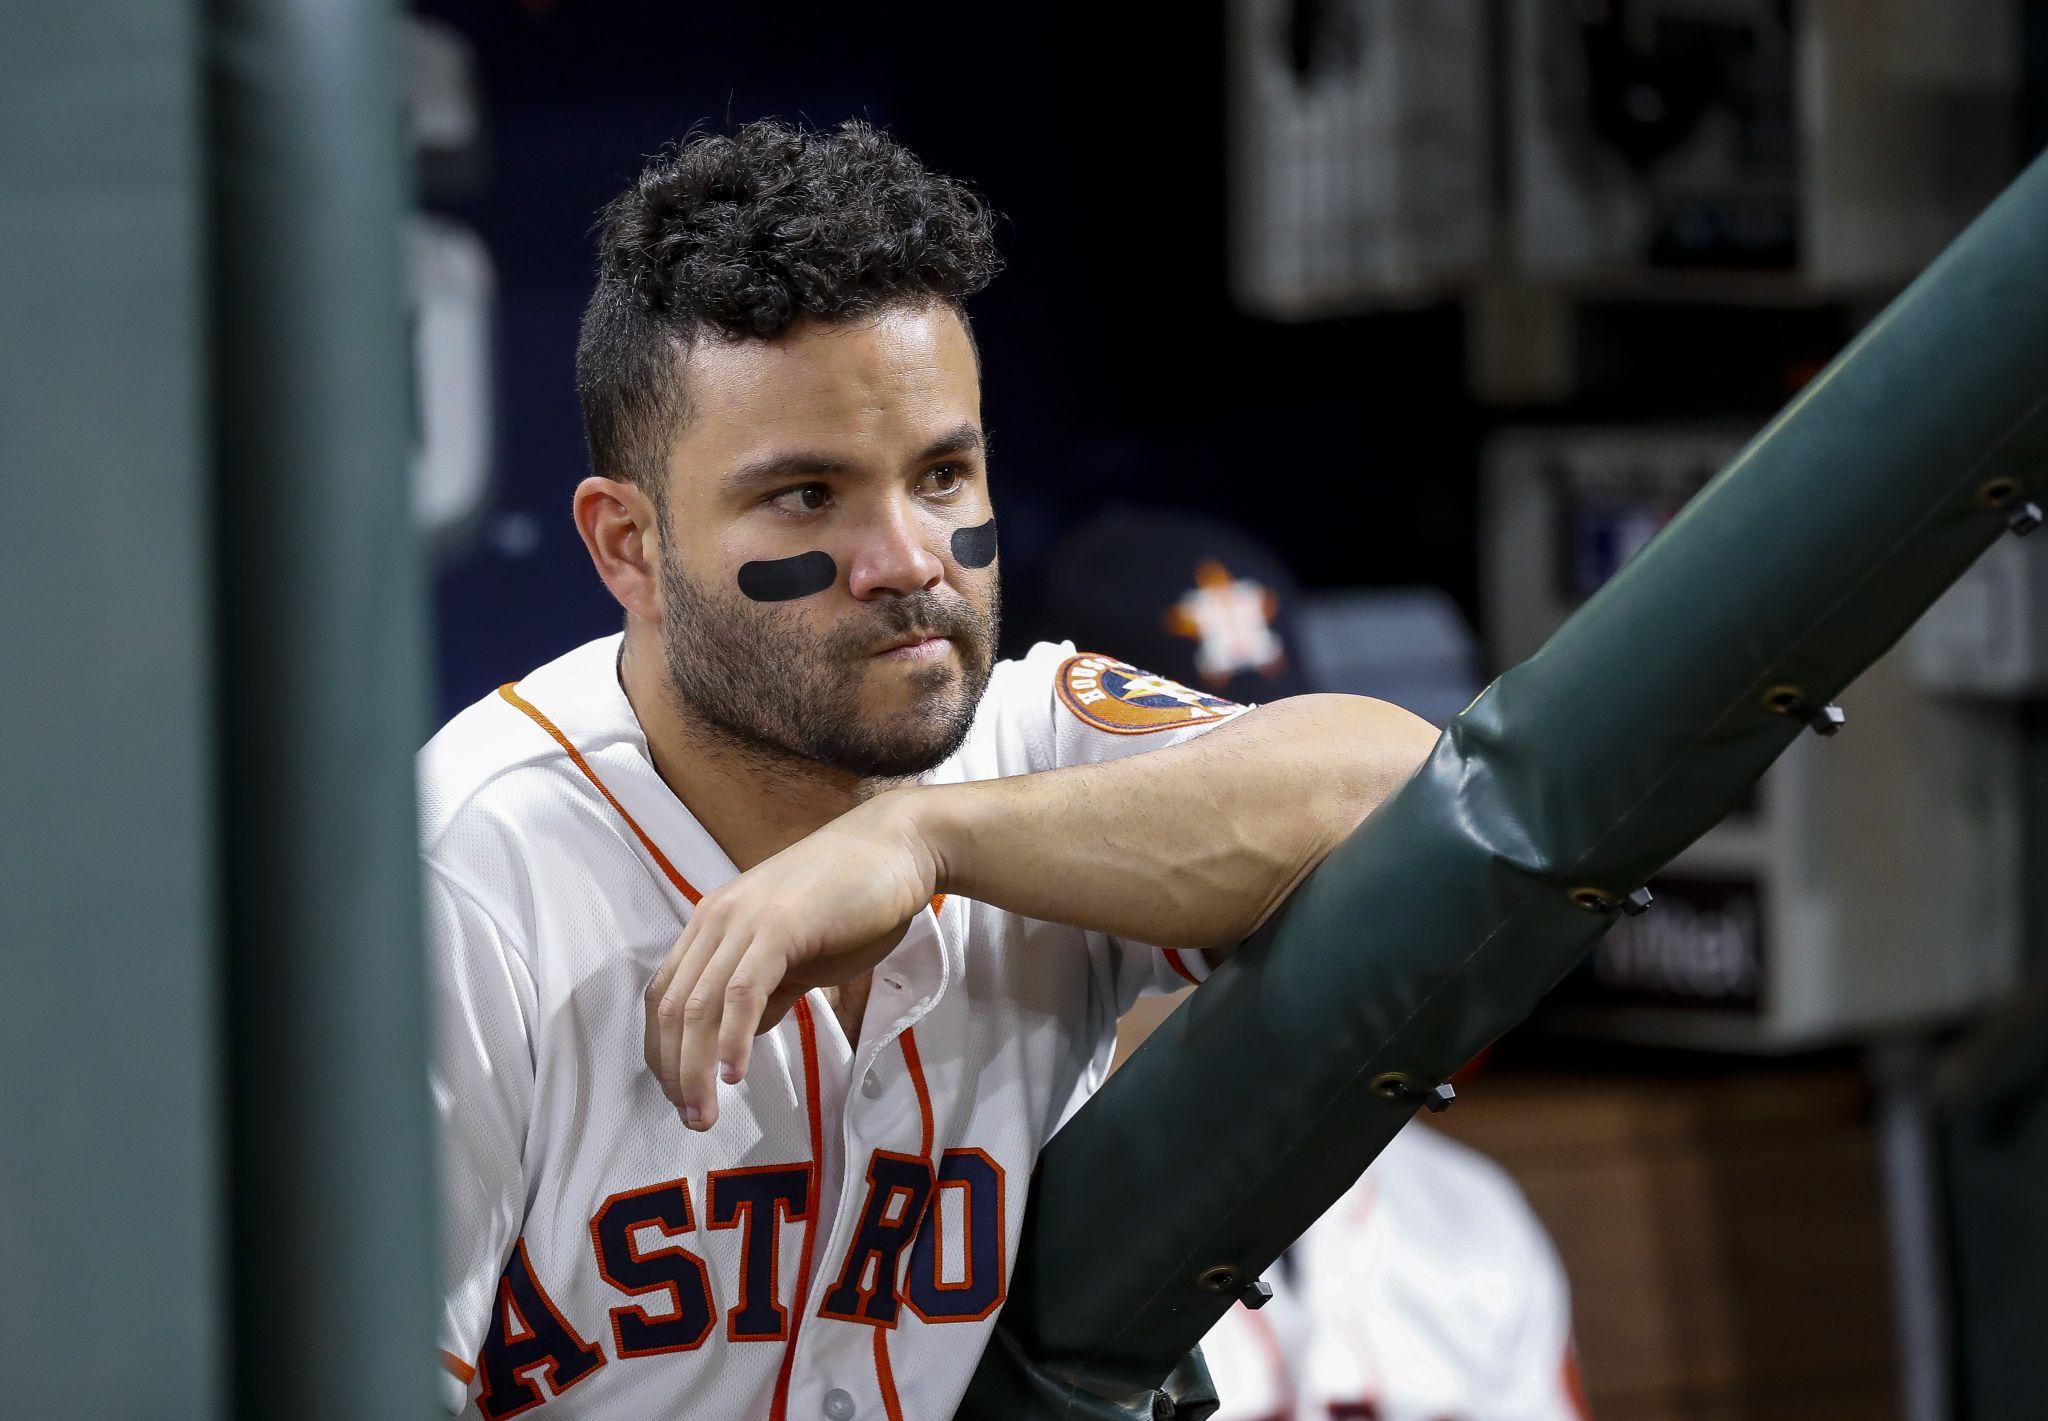 2018 Astros review: Jose Altuve